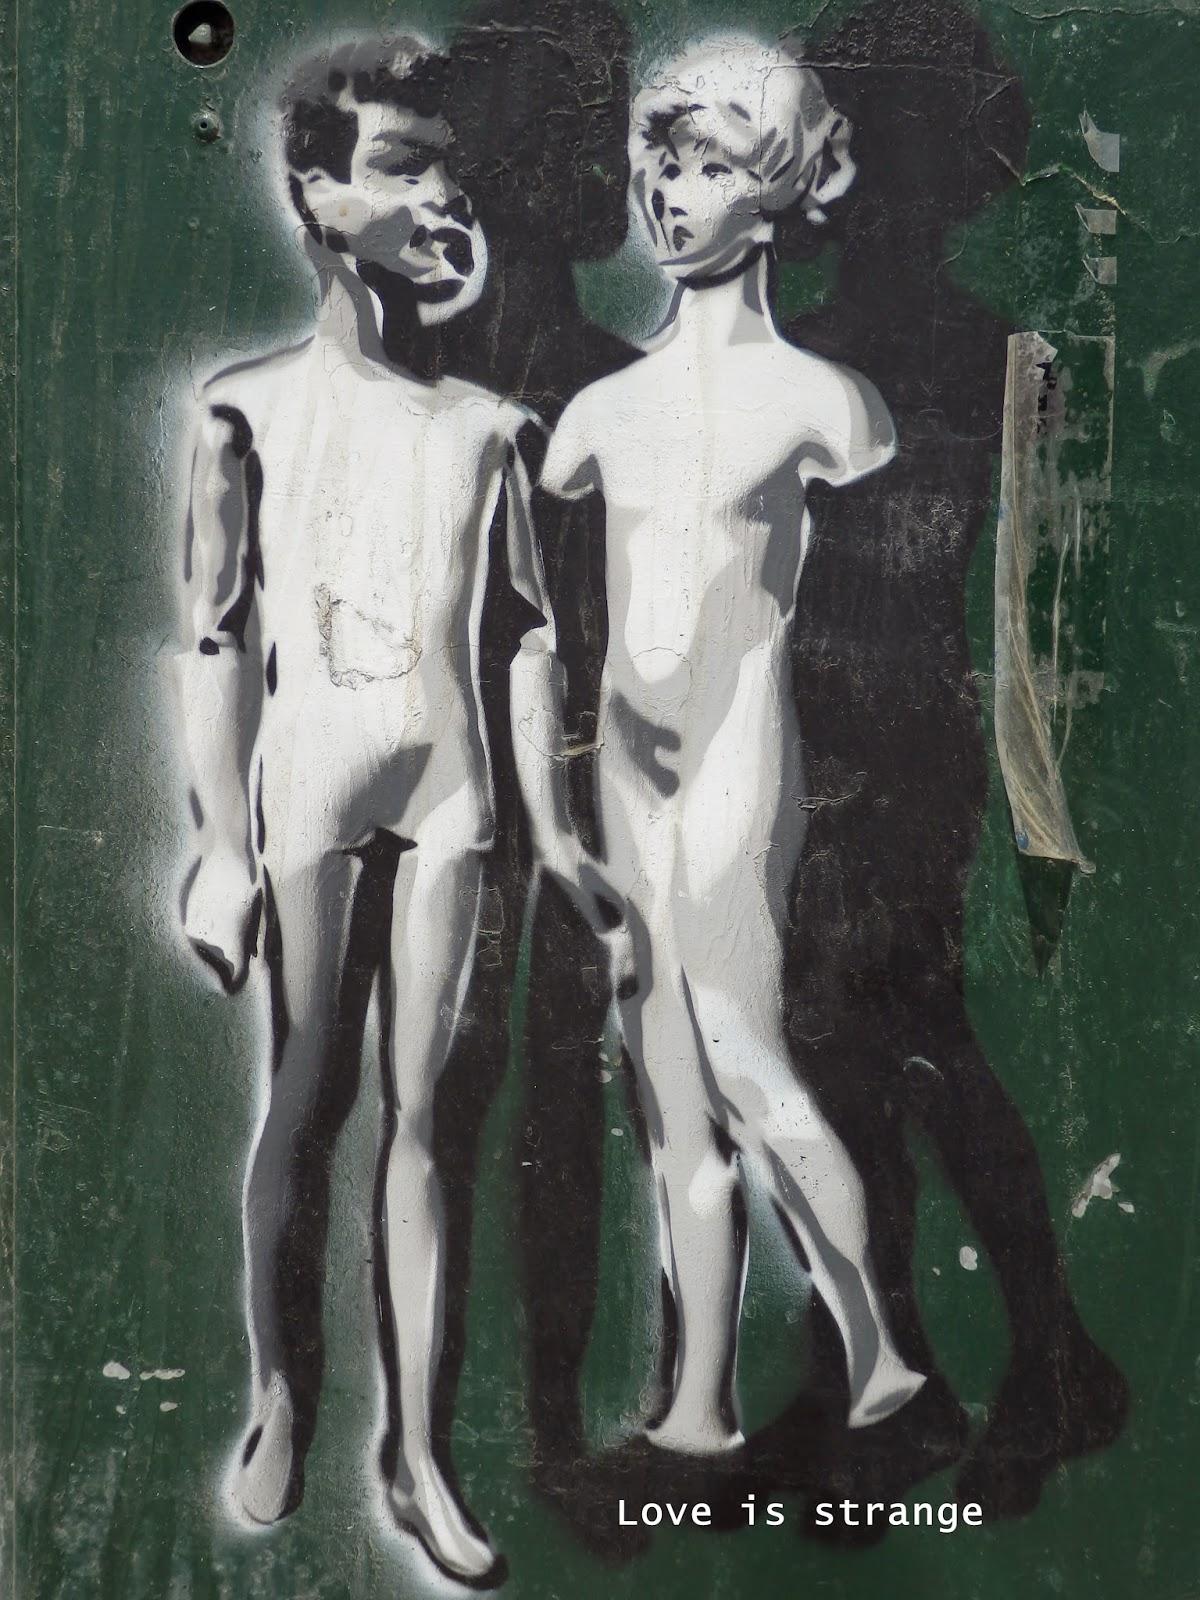 Love is strange street art